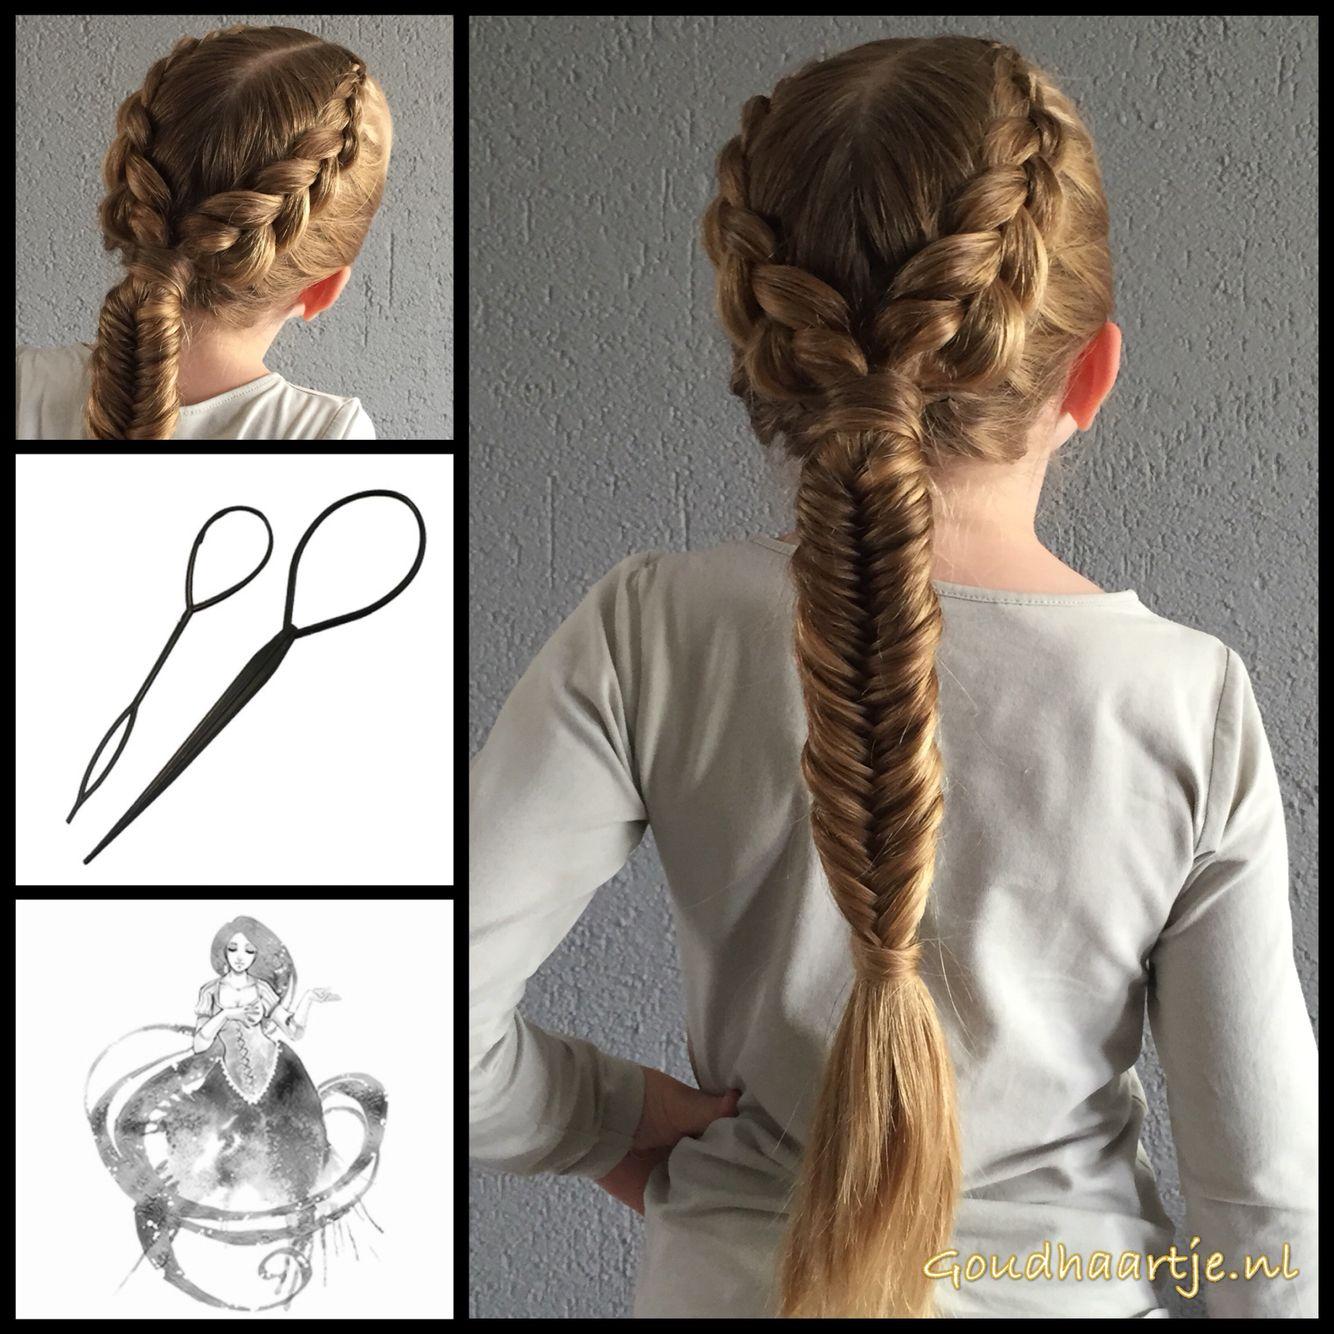 Messy Dutch Braids Into A Fishtail Braid Hair Styles Kids Hairstyles Fishtail Hairstyles